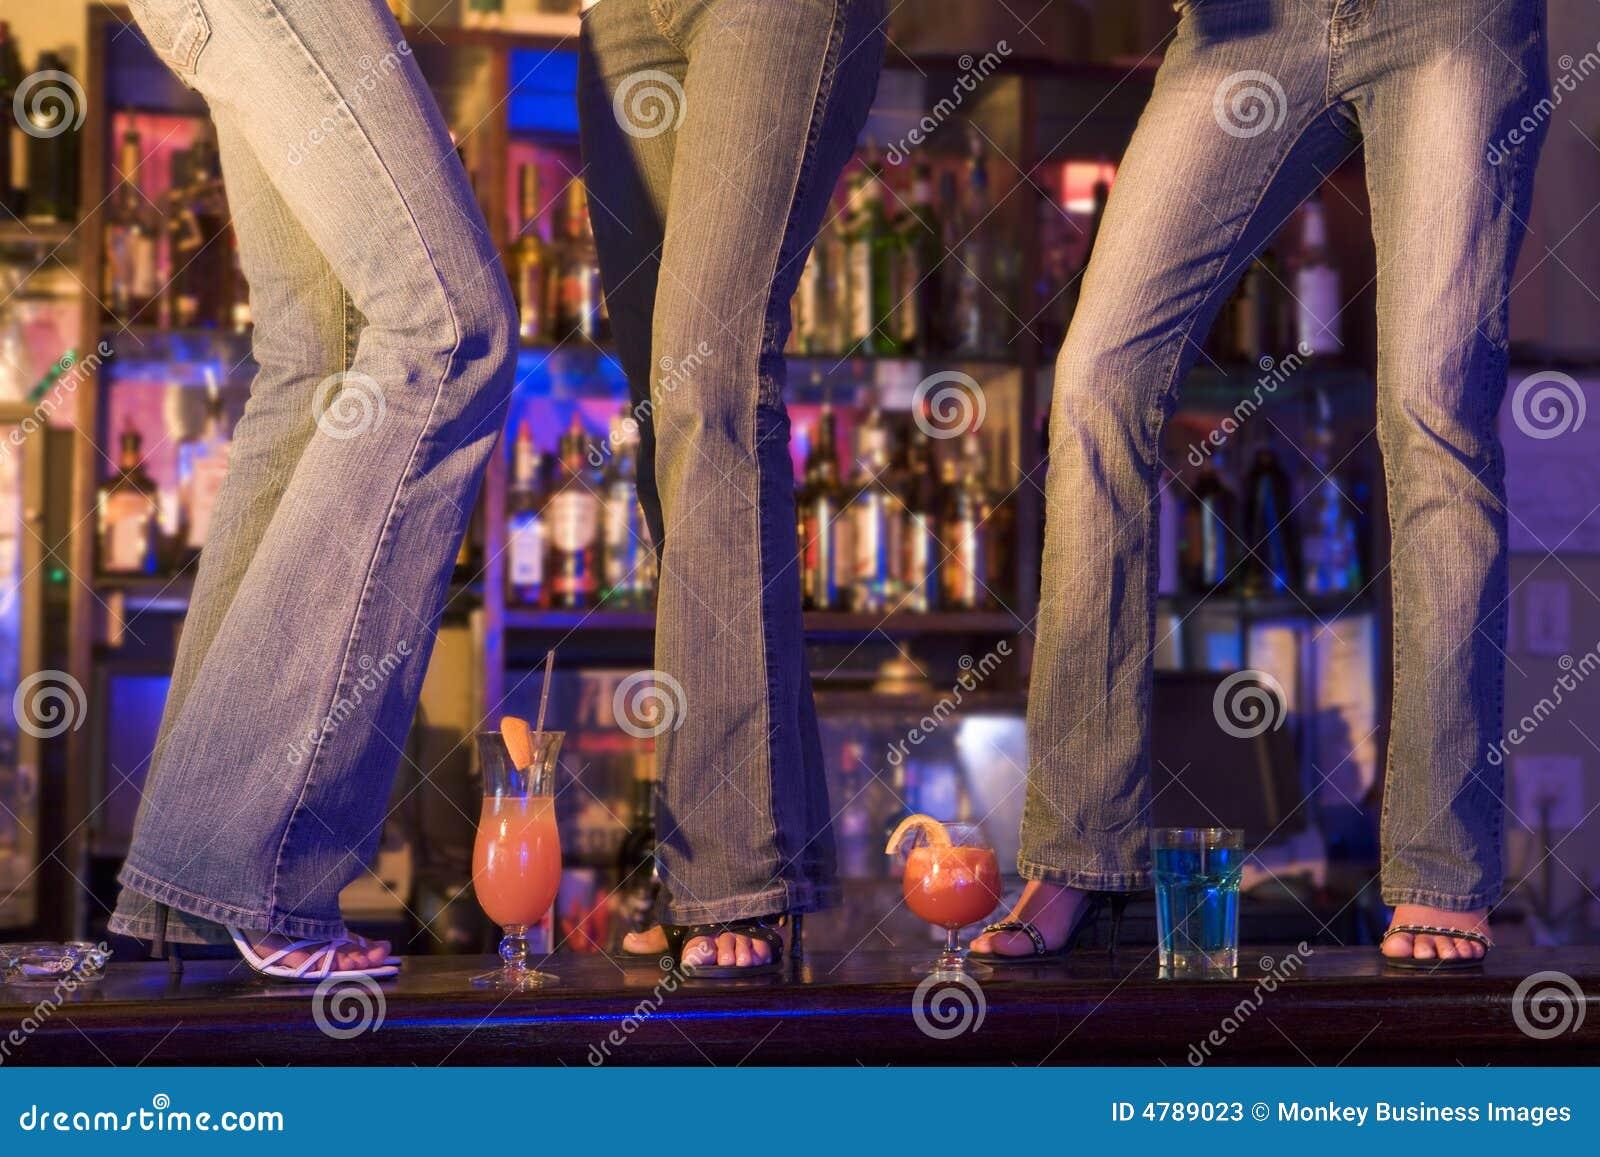 Пьяные танцующие девки фото 23 фотография